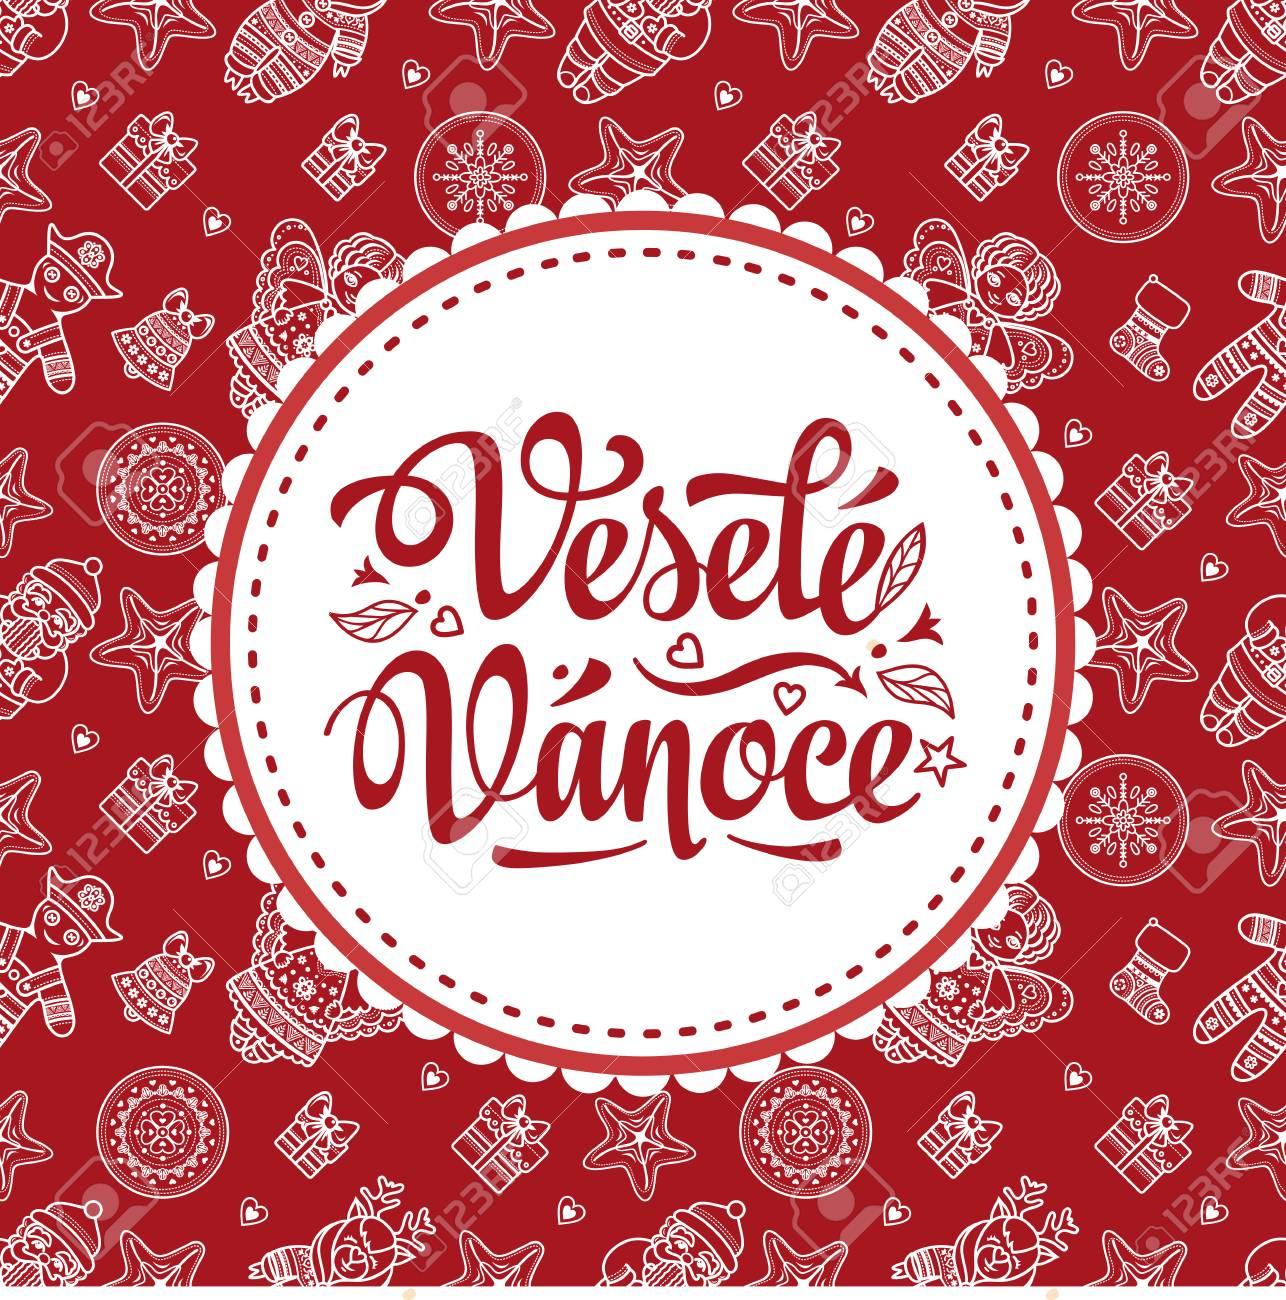 Vesele Vanoce Mensagem De Natal Composição De Letras Com Frase Em Língua Checa Desejos Calorosos Para Boas Festas Melhor Para Cartão Promoção